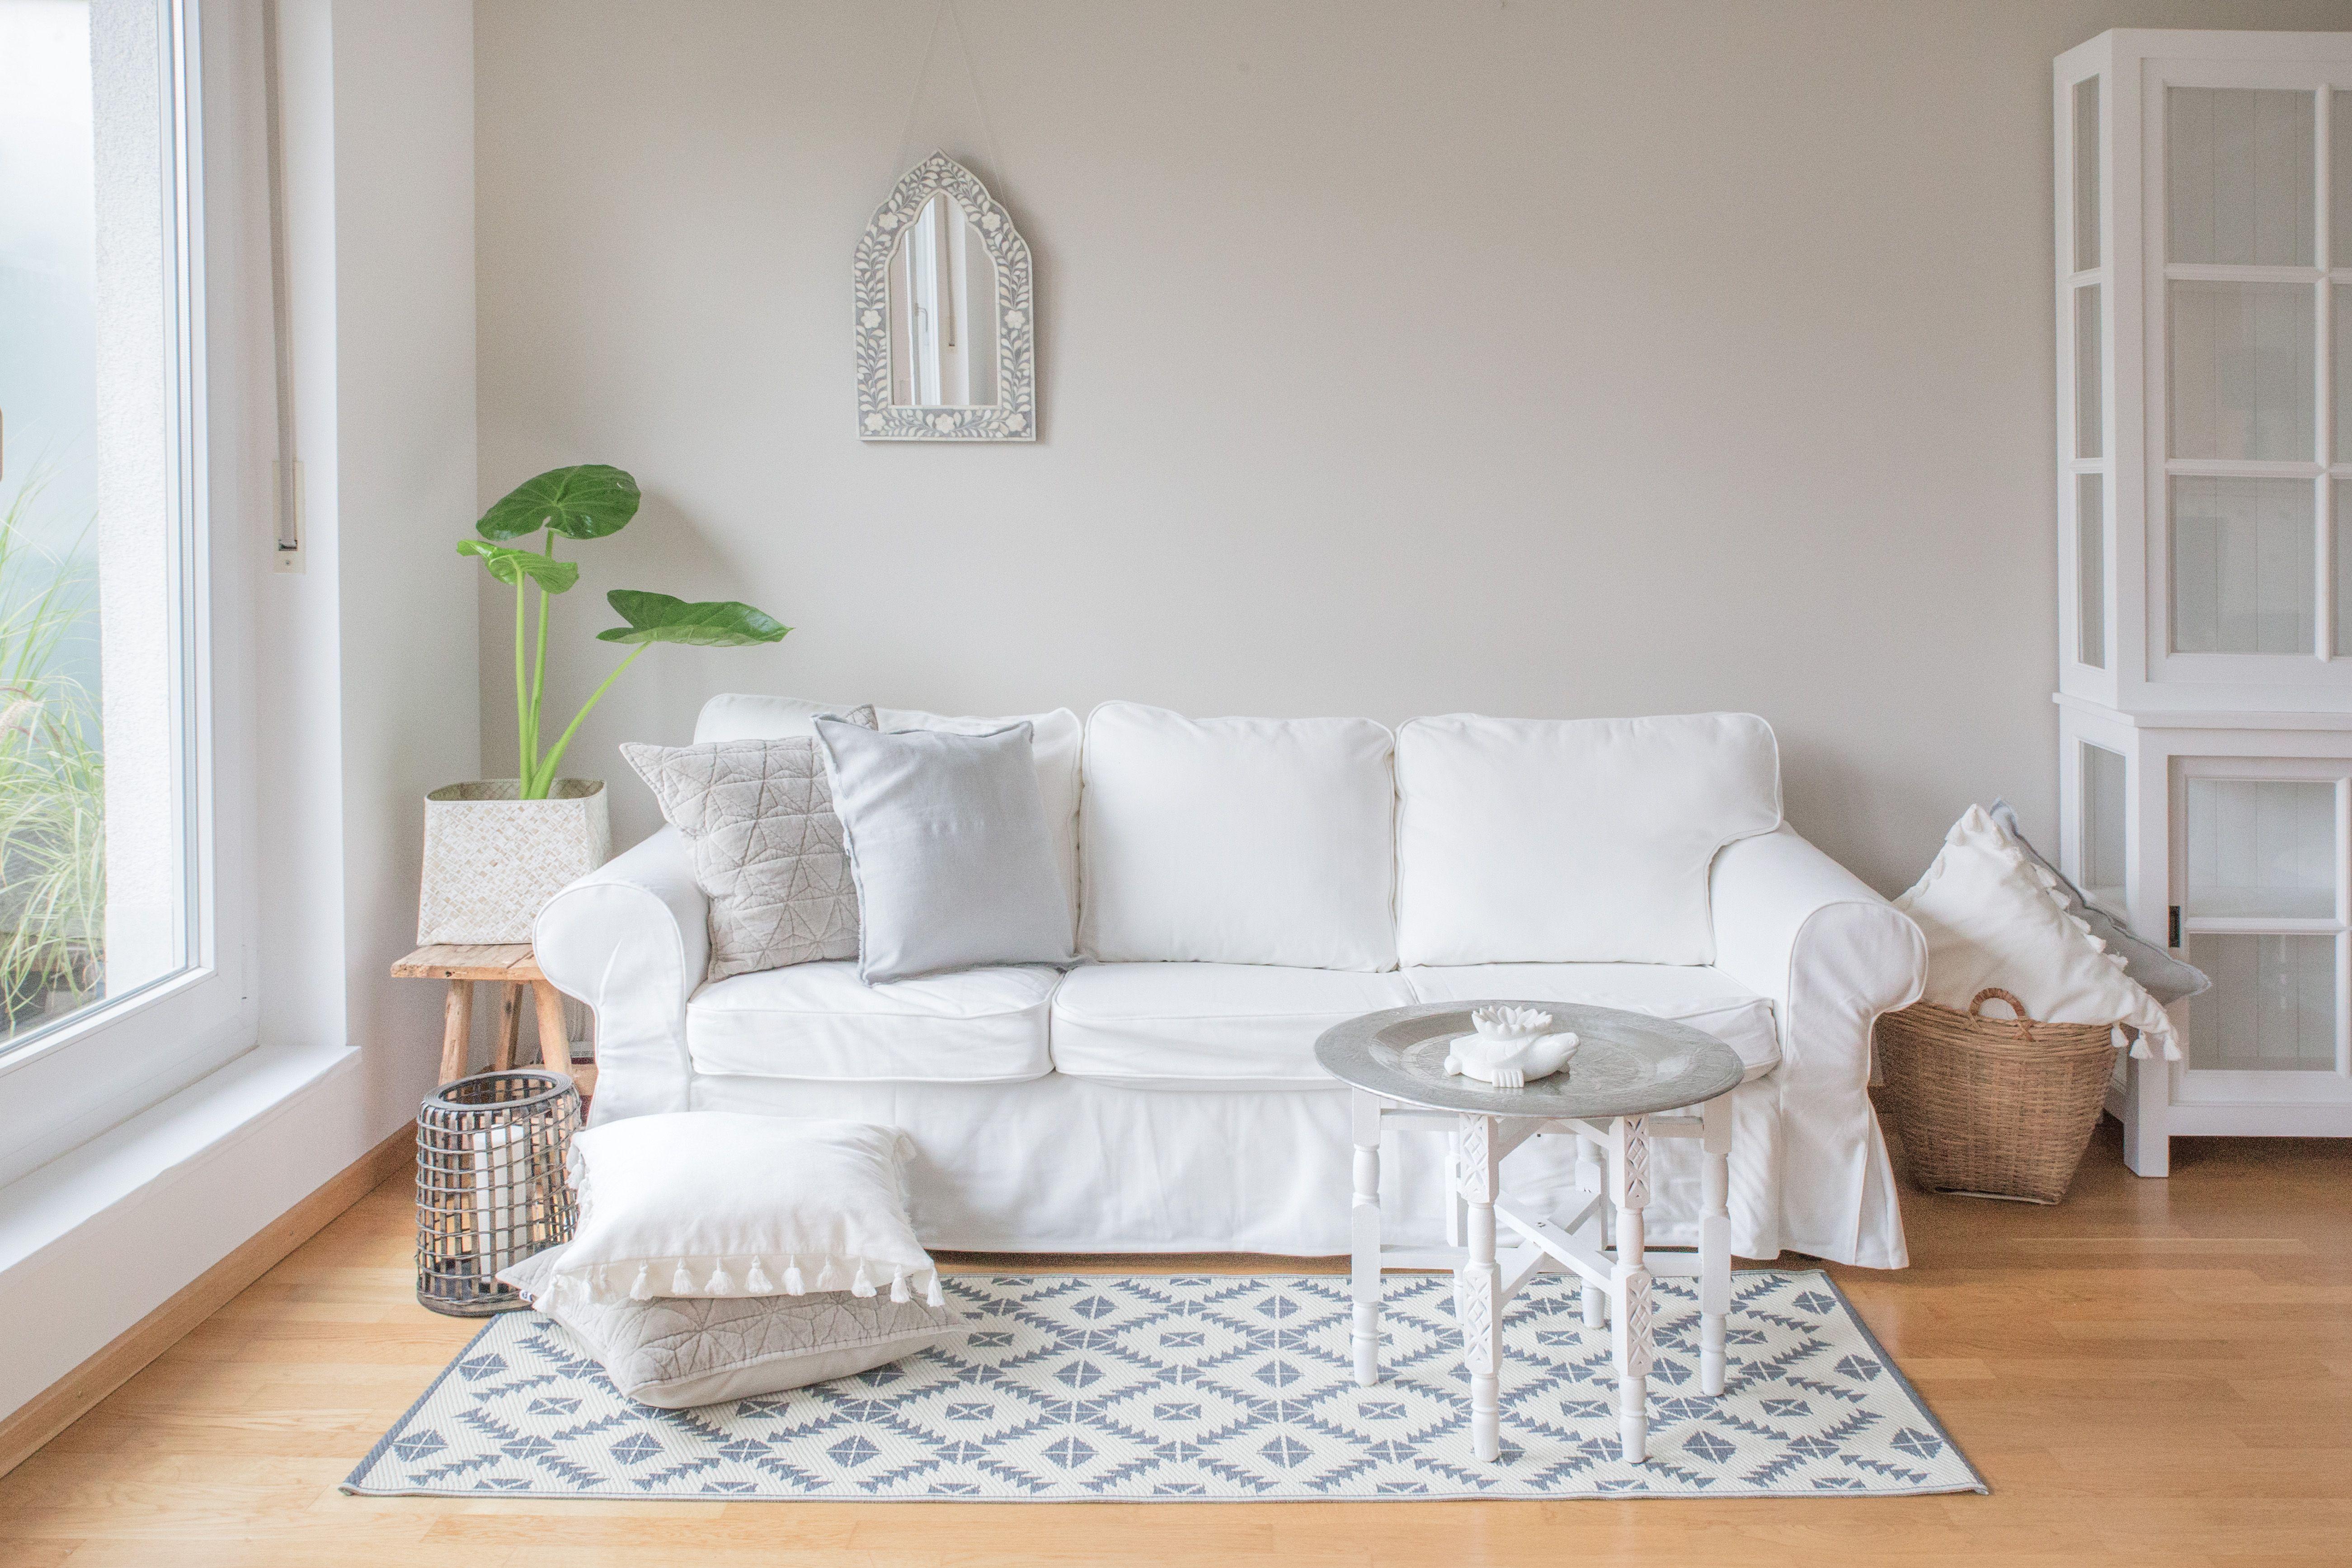 Accessoires Wohnzimmer | Helle Grundstimmung Fur Mein Wohnzimmer Dann Kann Ich Mit